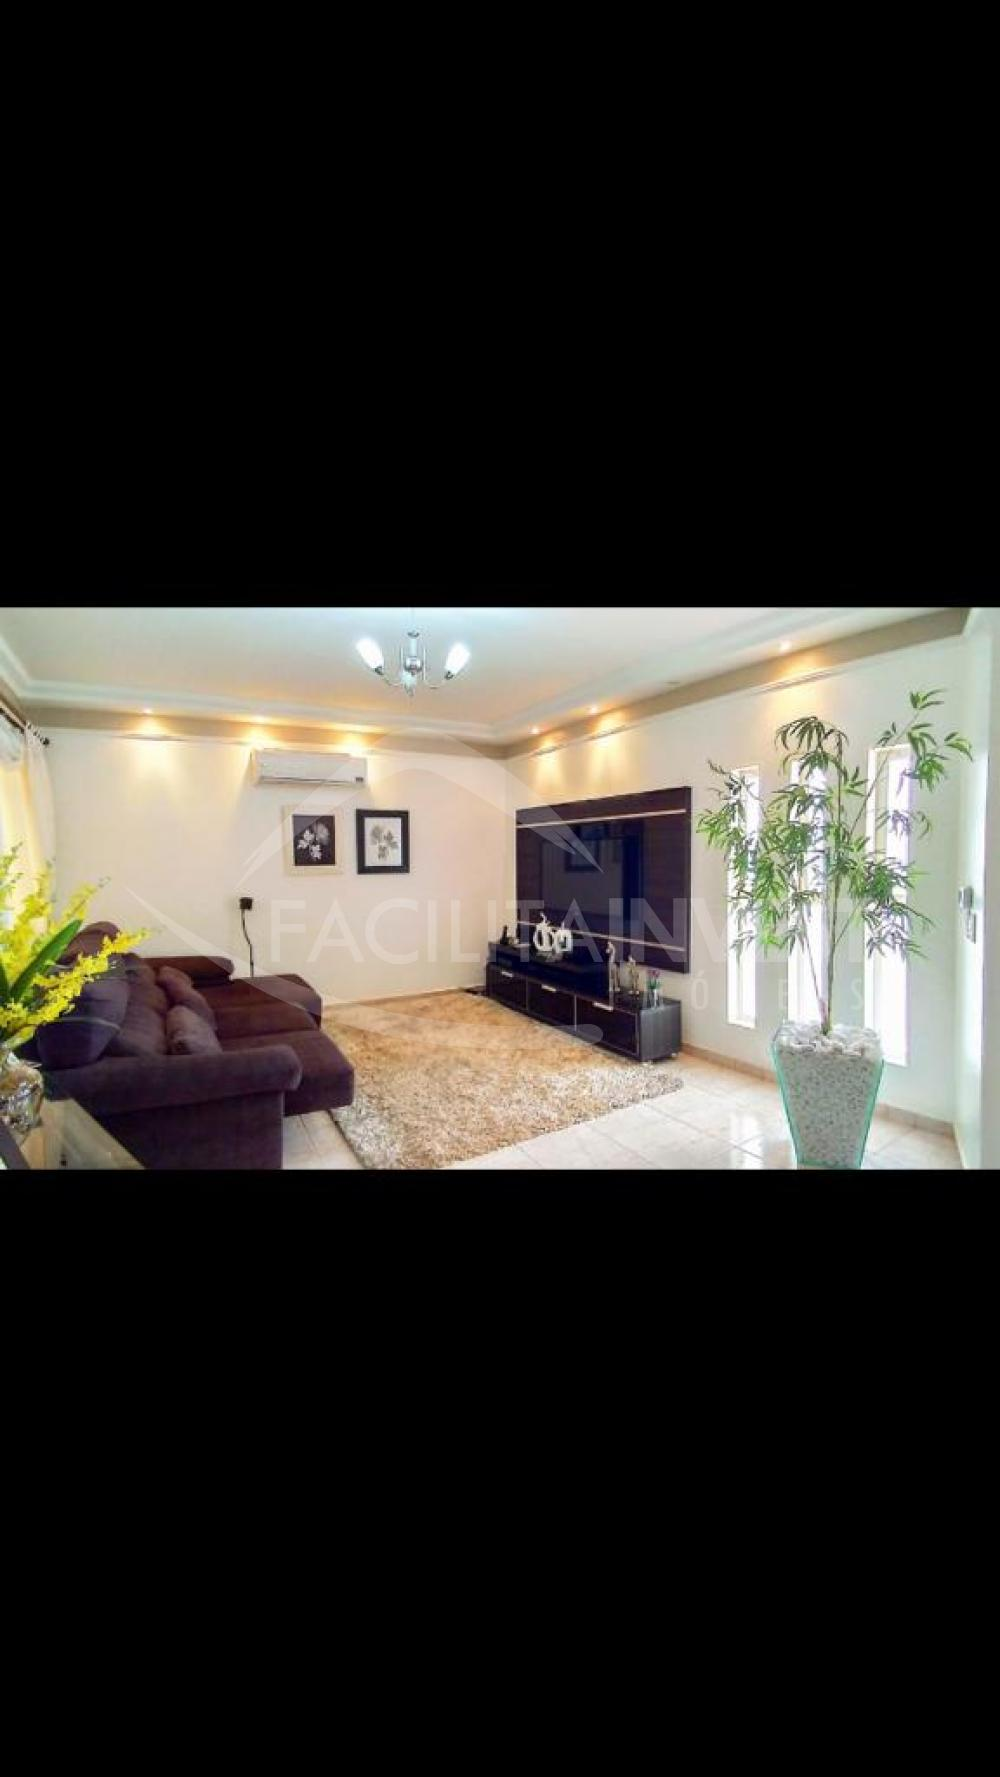 Comprar Casa Padrão / Casa Padrão em Ribeirão Preto apenas R$ 900.000,00 - Foto 3